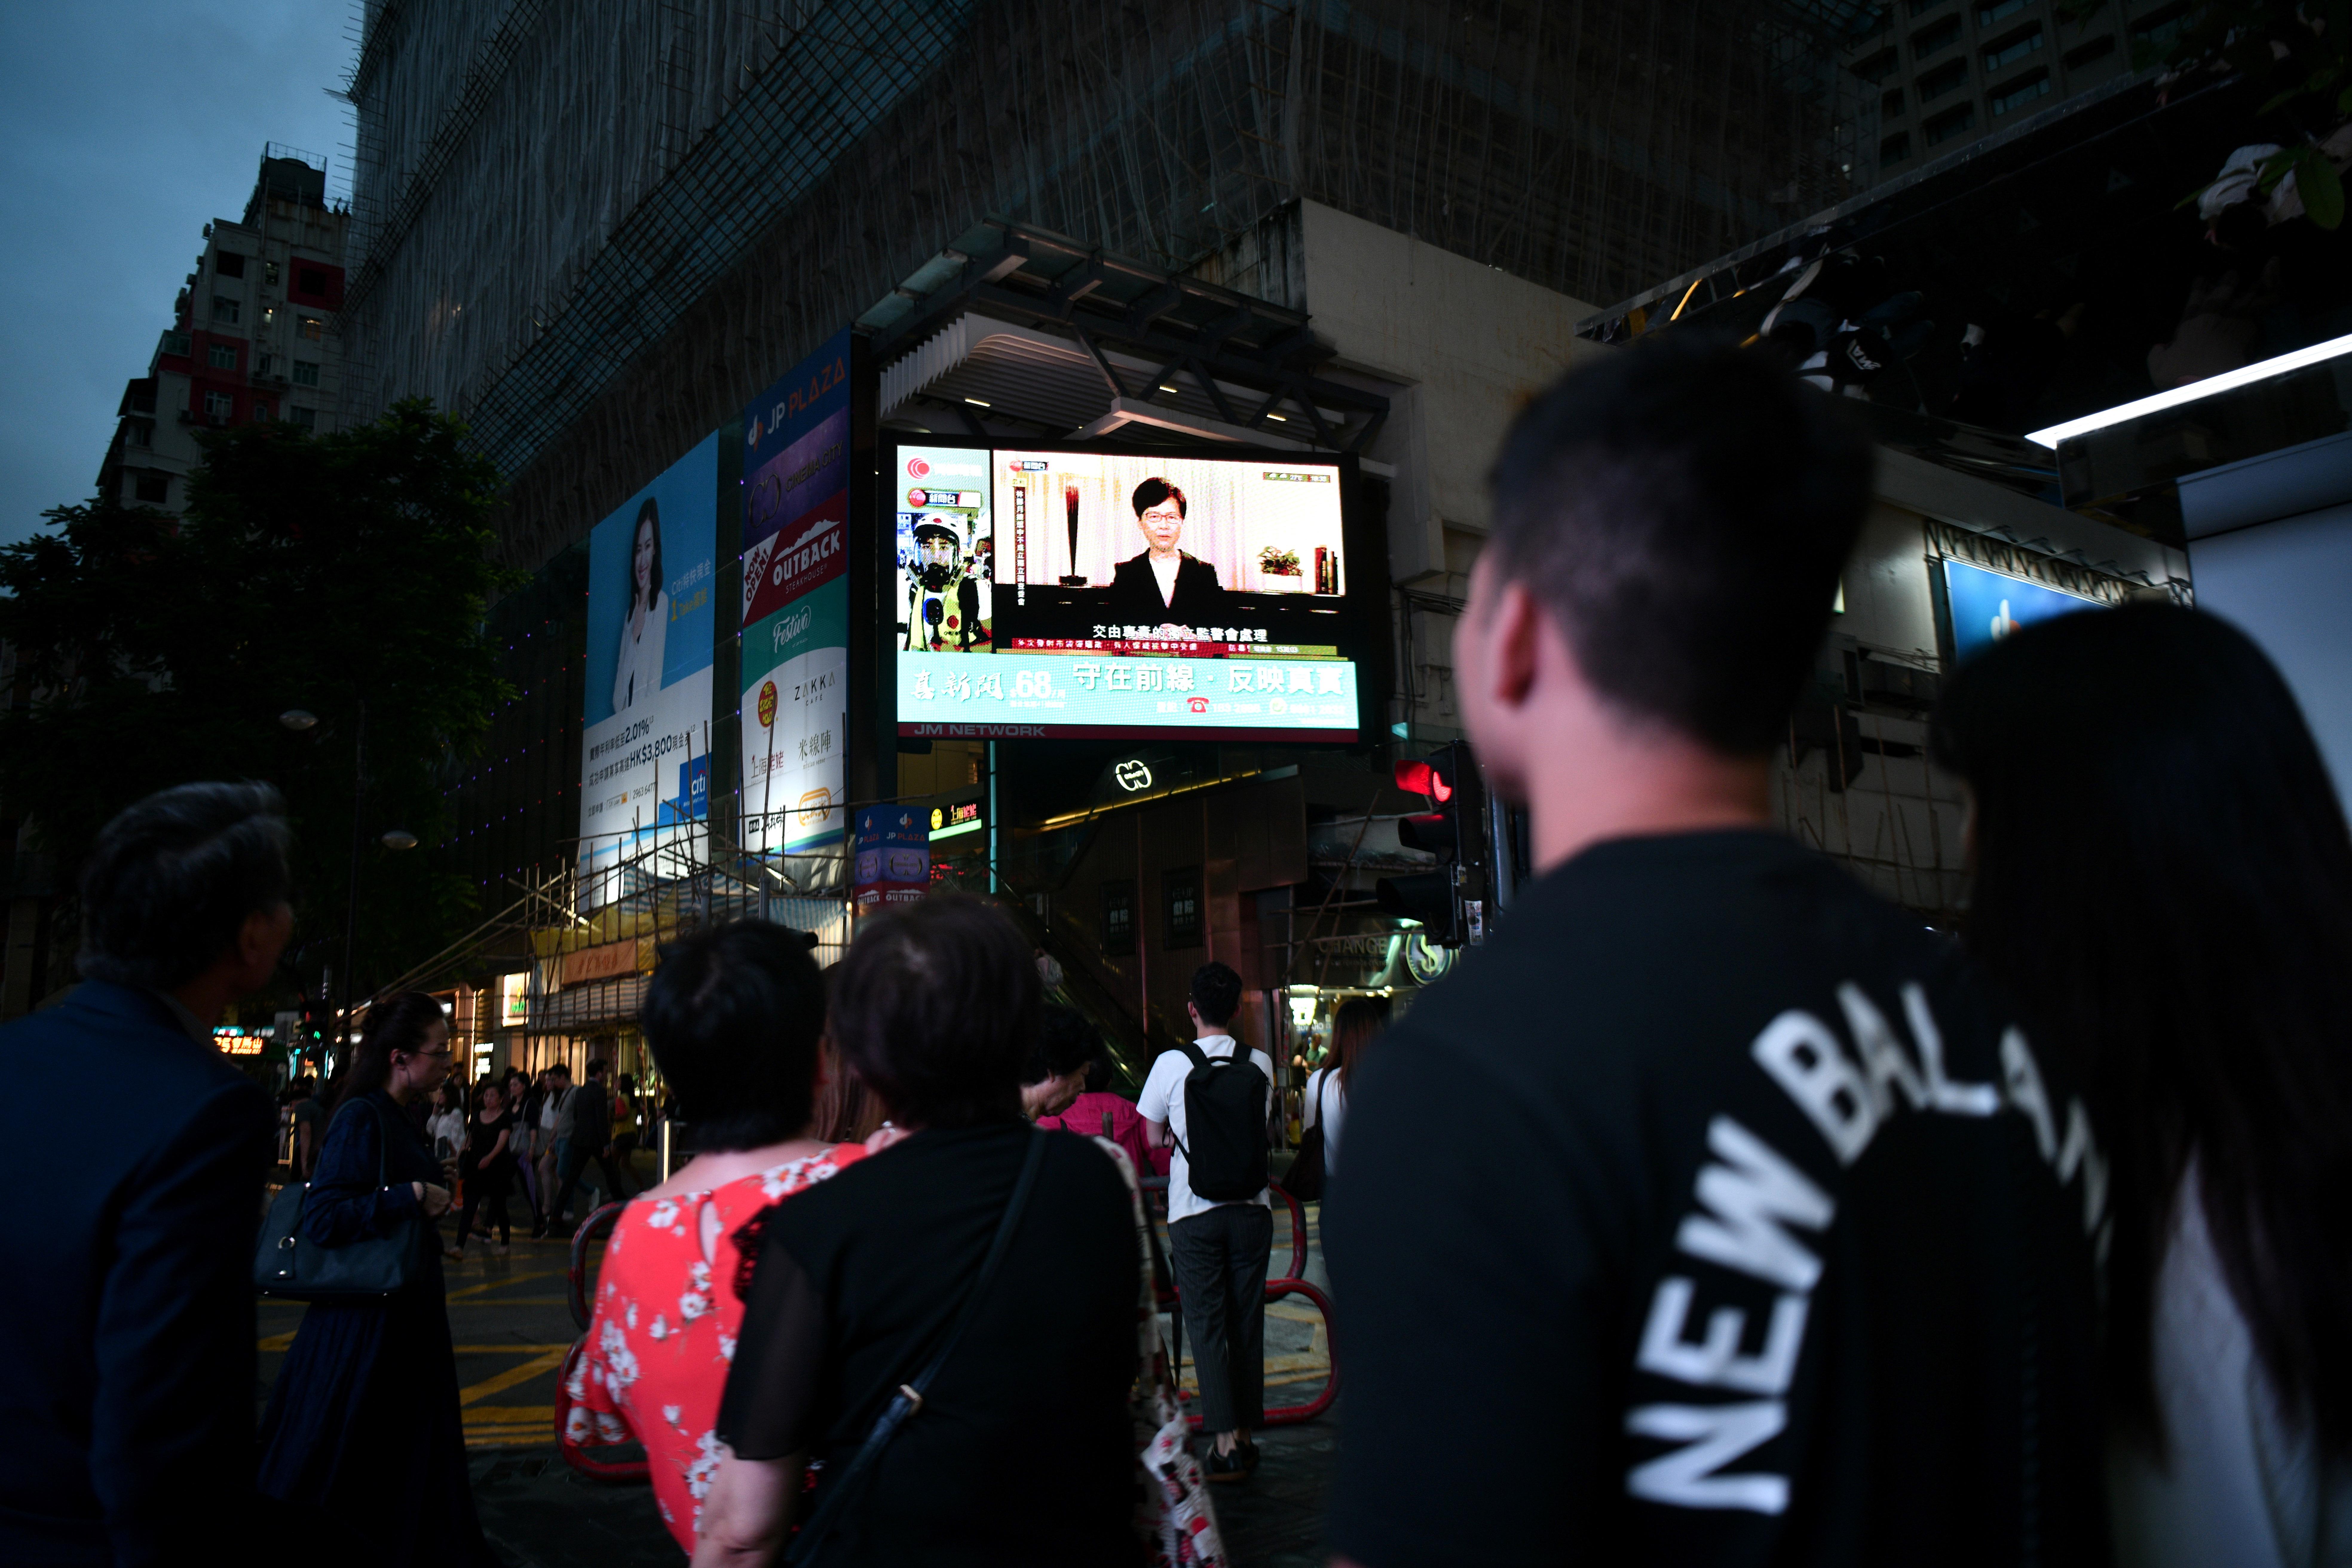 مشاة في هونغ كونغ يشاهدون خطاب رئيسة السلطة التنفيذية في هونغ كونغ كاري لام - 4 سبتمبر 2019